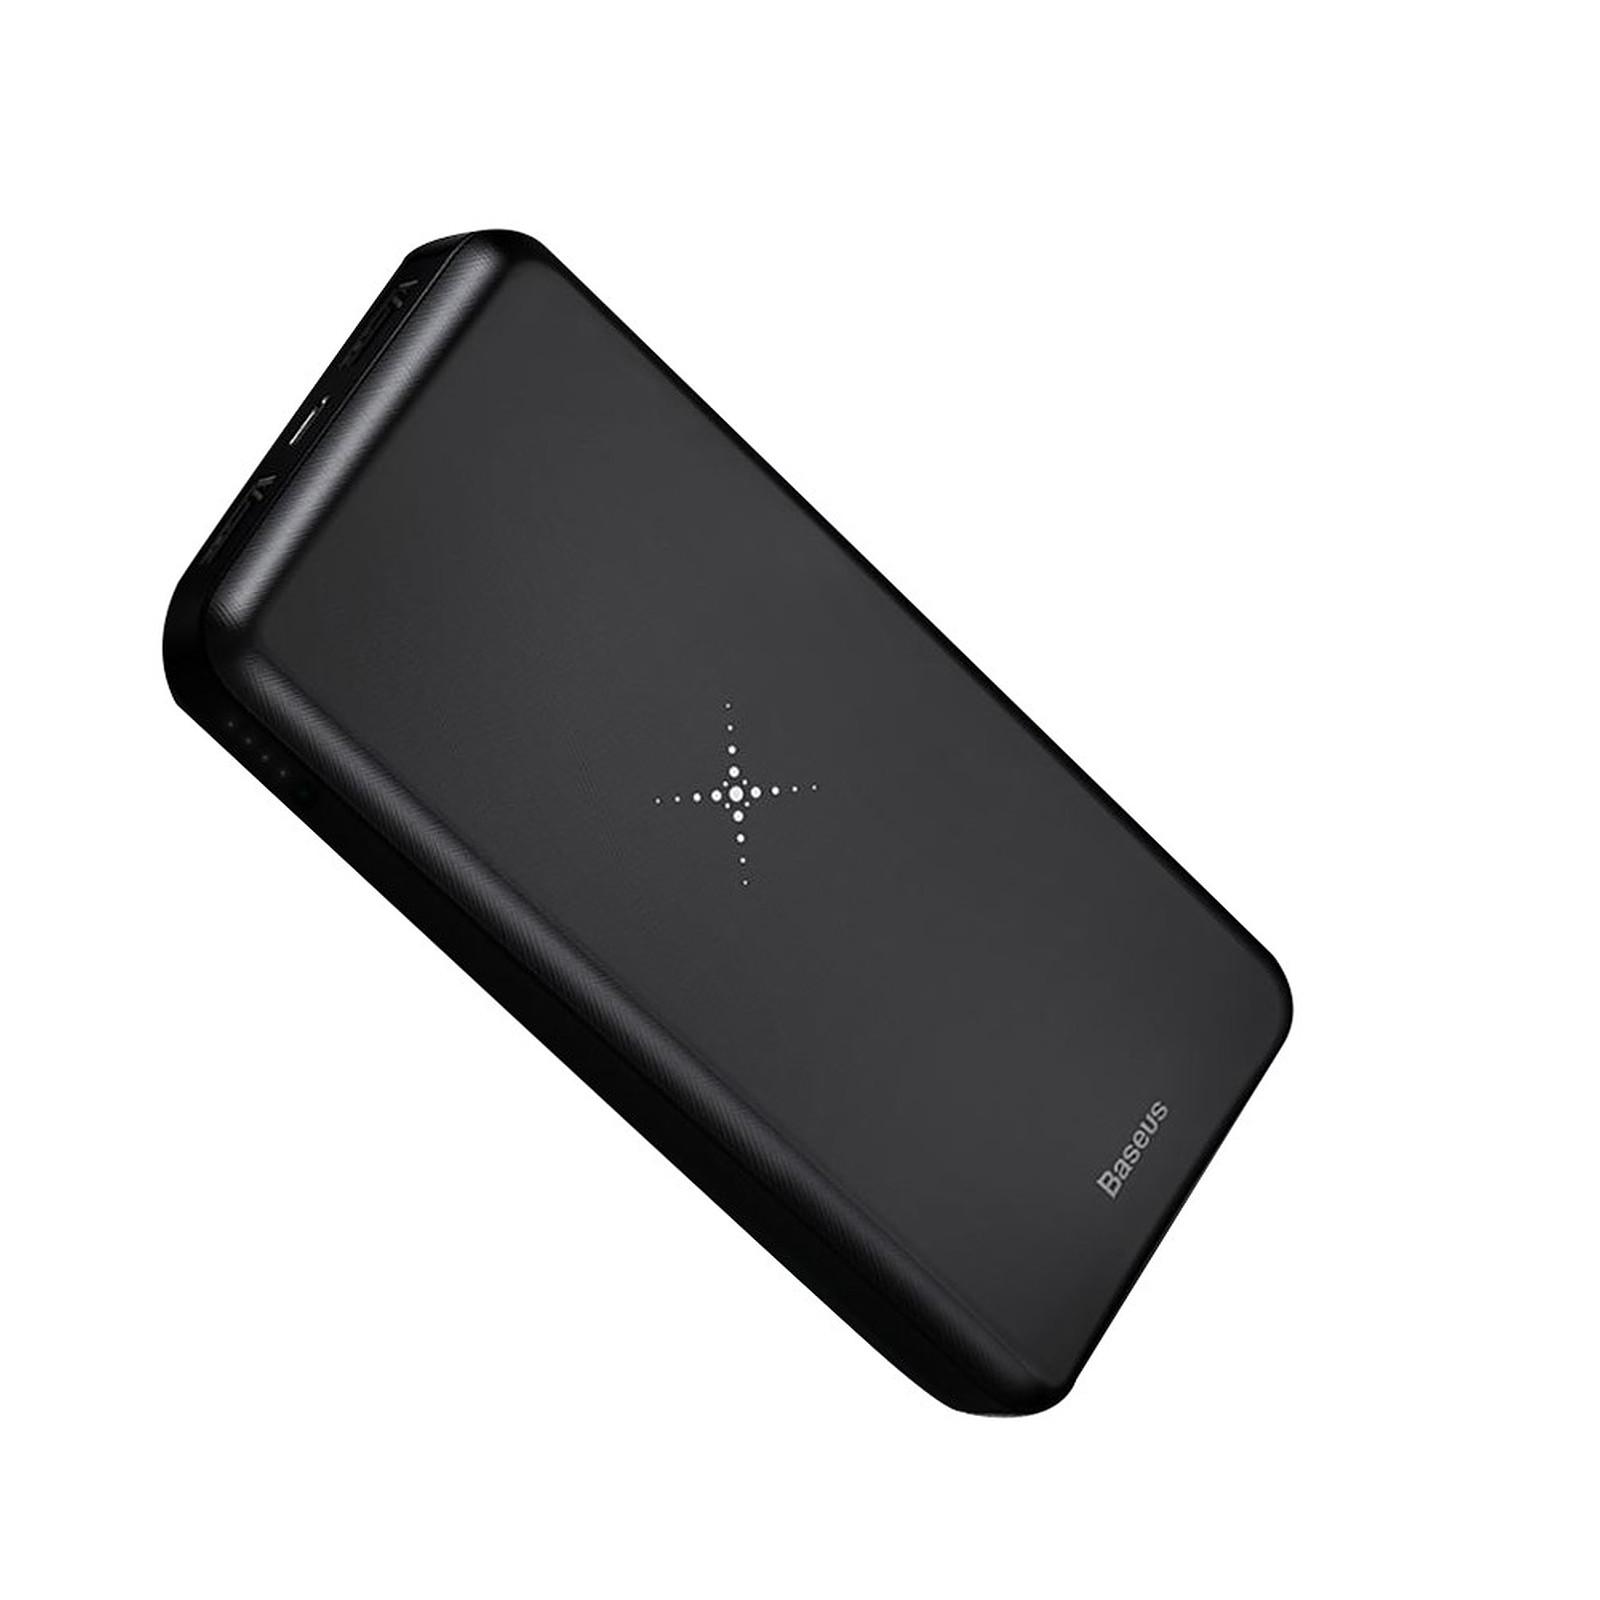 Baseus Batterie externe Chargeur sans fil Qi 10000 mAh Double USB Baseus Noir